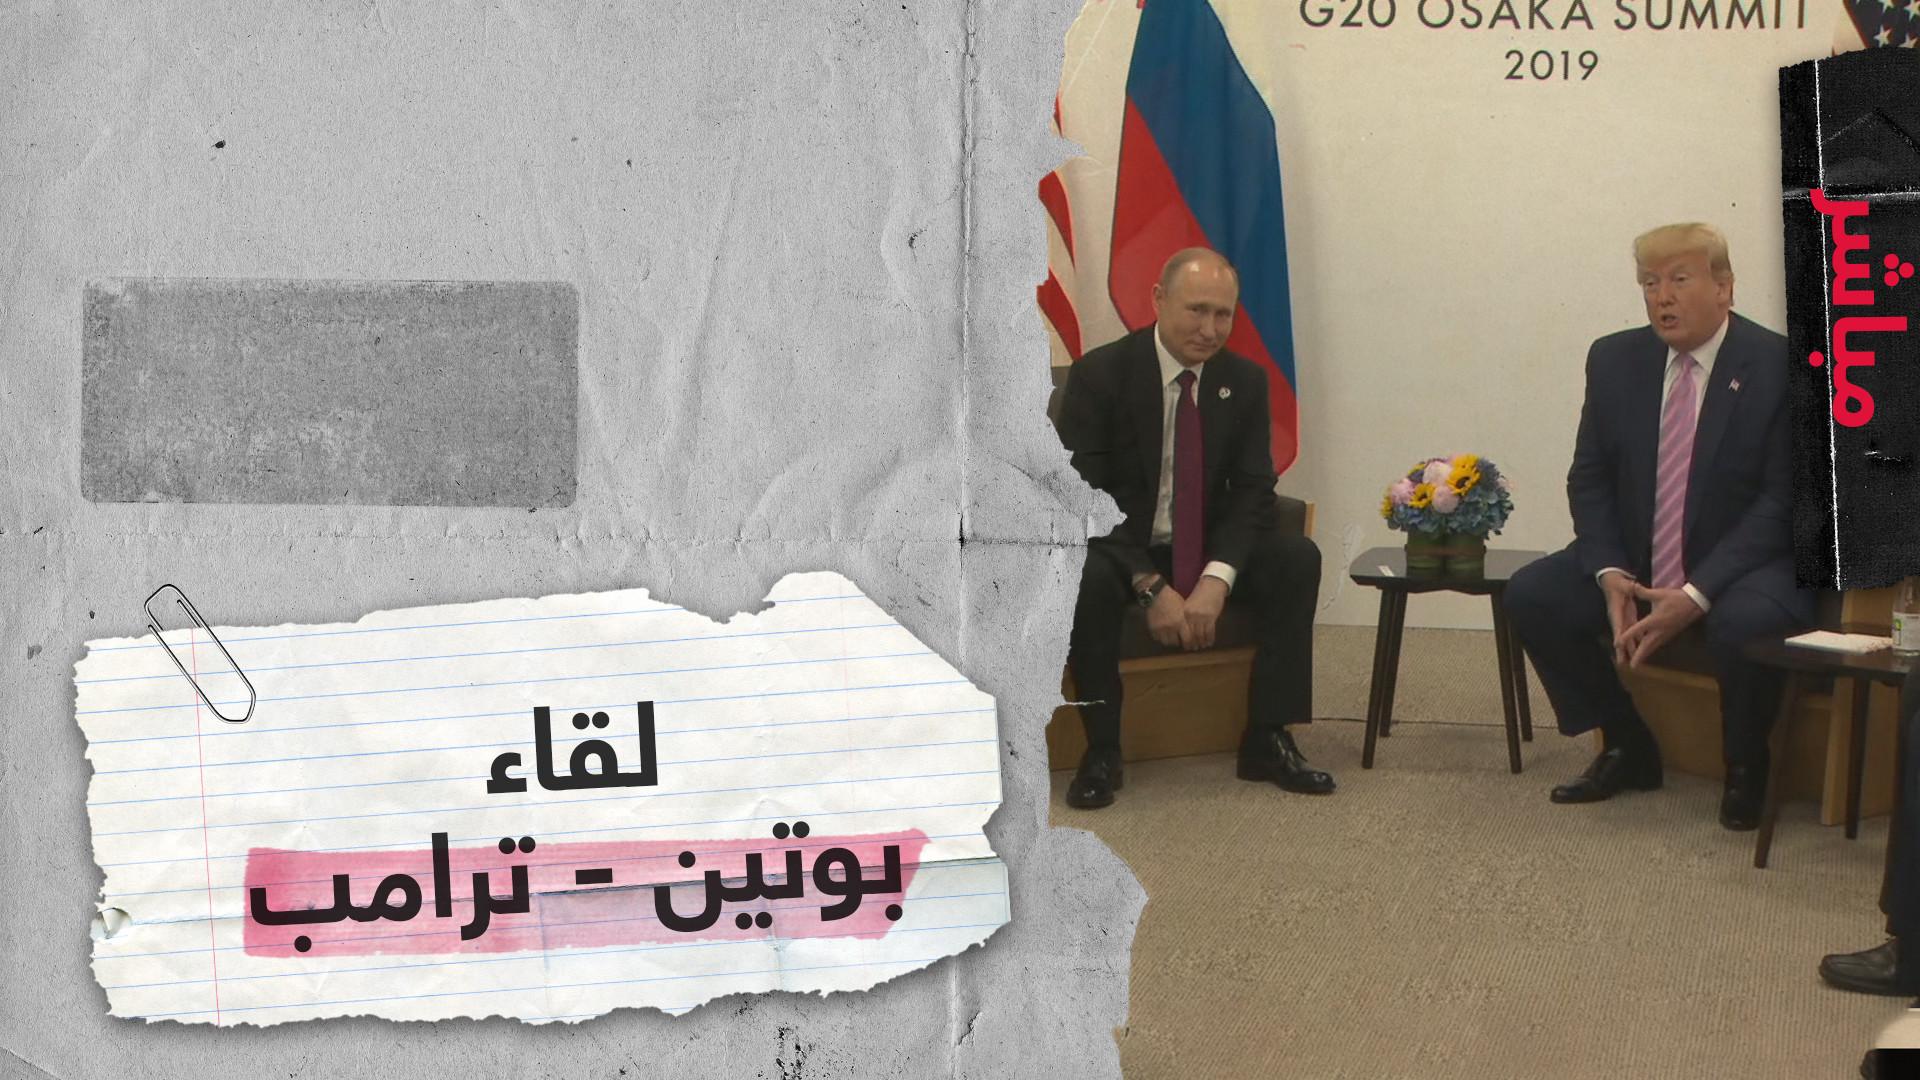 مباشر.. لقاء بوتين وترامب على هامش قمة العشرين في اليابان